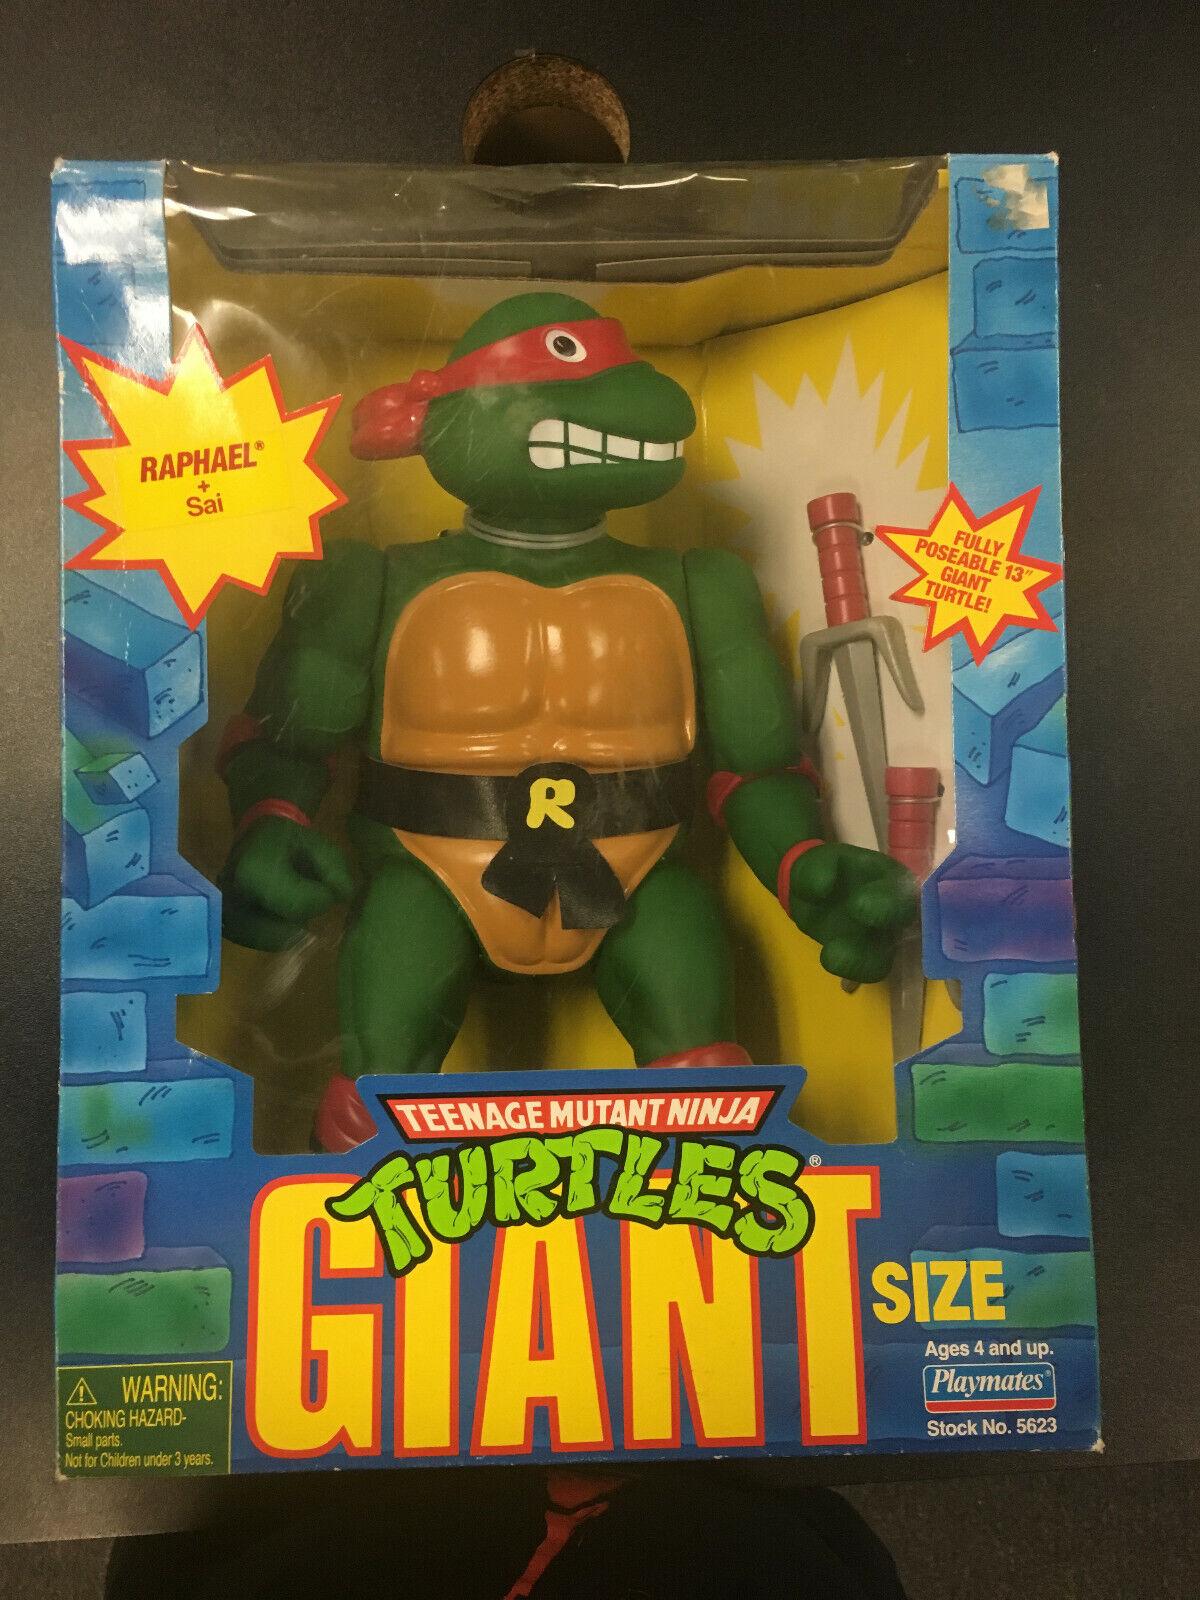 Playmates Teenage Mutant Mutant Mutant Ninja Turtles Giant Dimensione Raphael cifra 1998 07066d